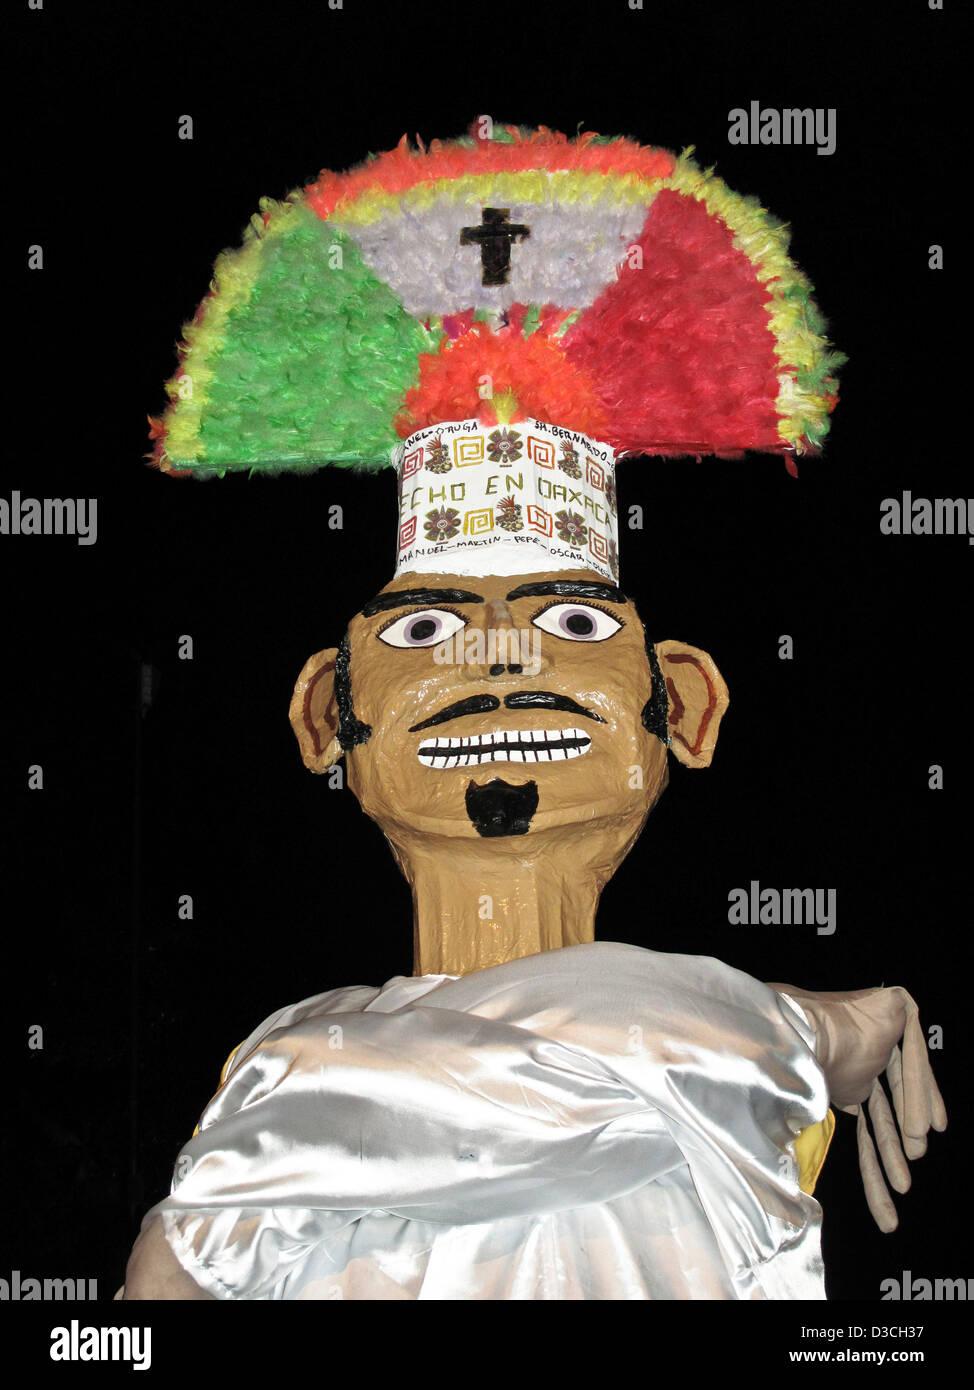 Papier Pappmaché-Kopf der riesigen Gigante Marionette Tänzerin mit prächtigen Federschmuck Tanz in Stockbild